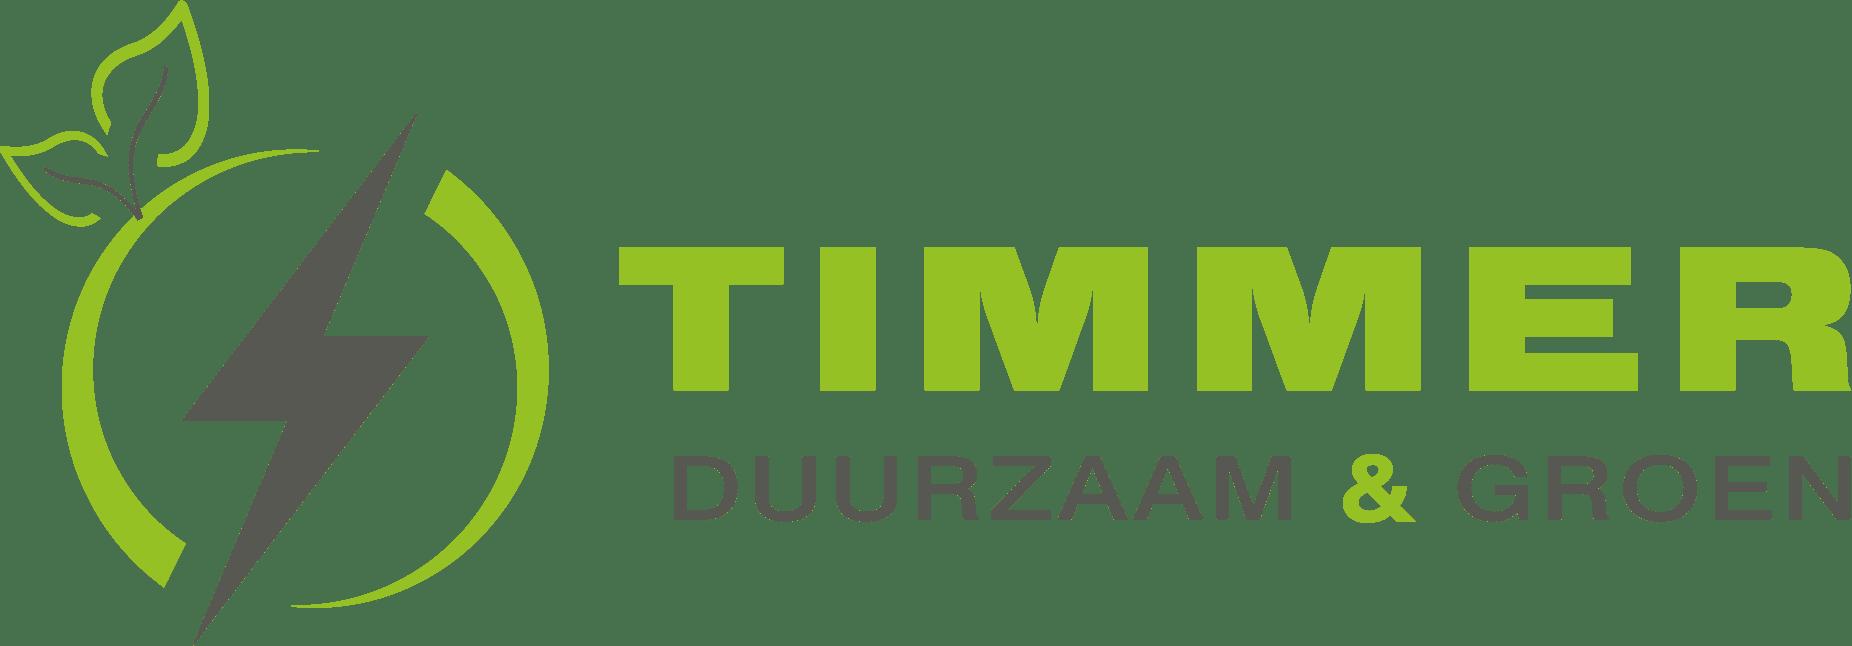 Timmer Duurzaam & Groen logo